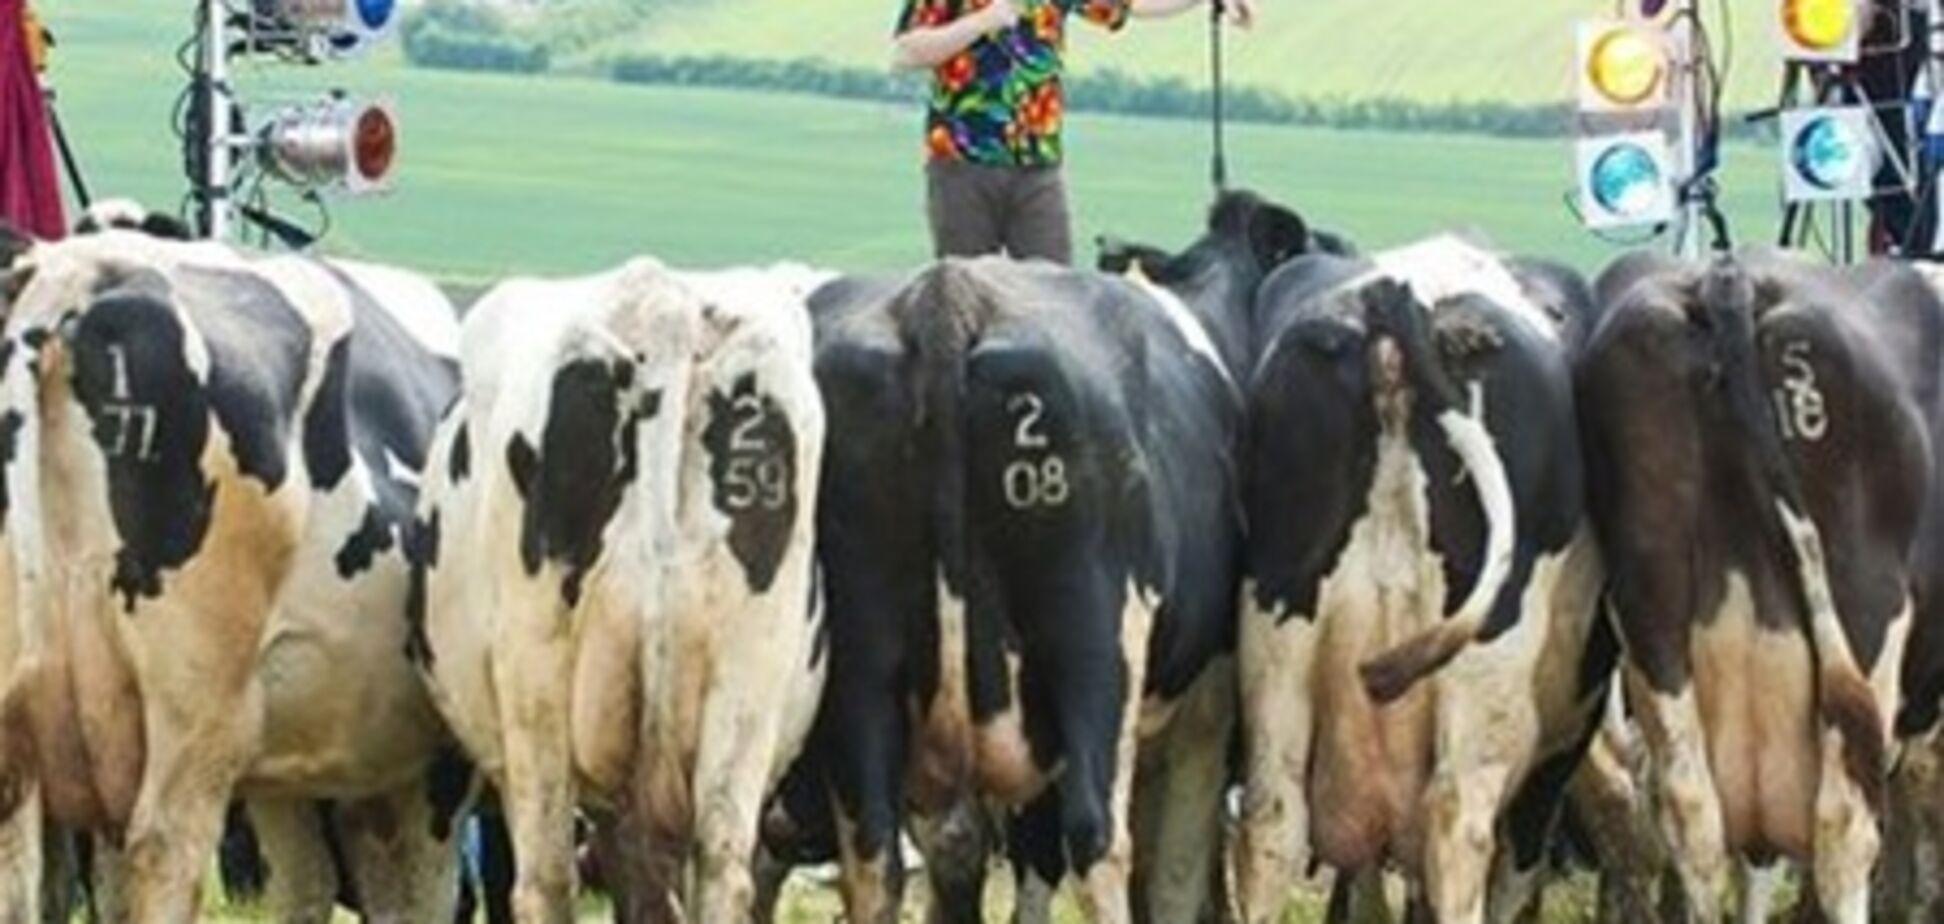 Комик выступил перед стадом коров голштинской породы